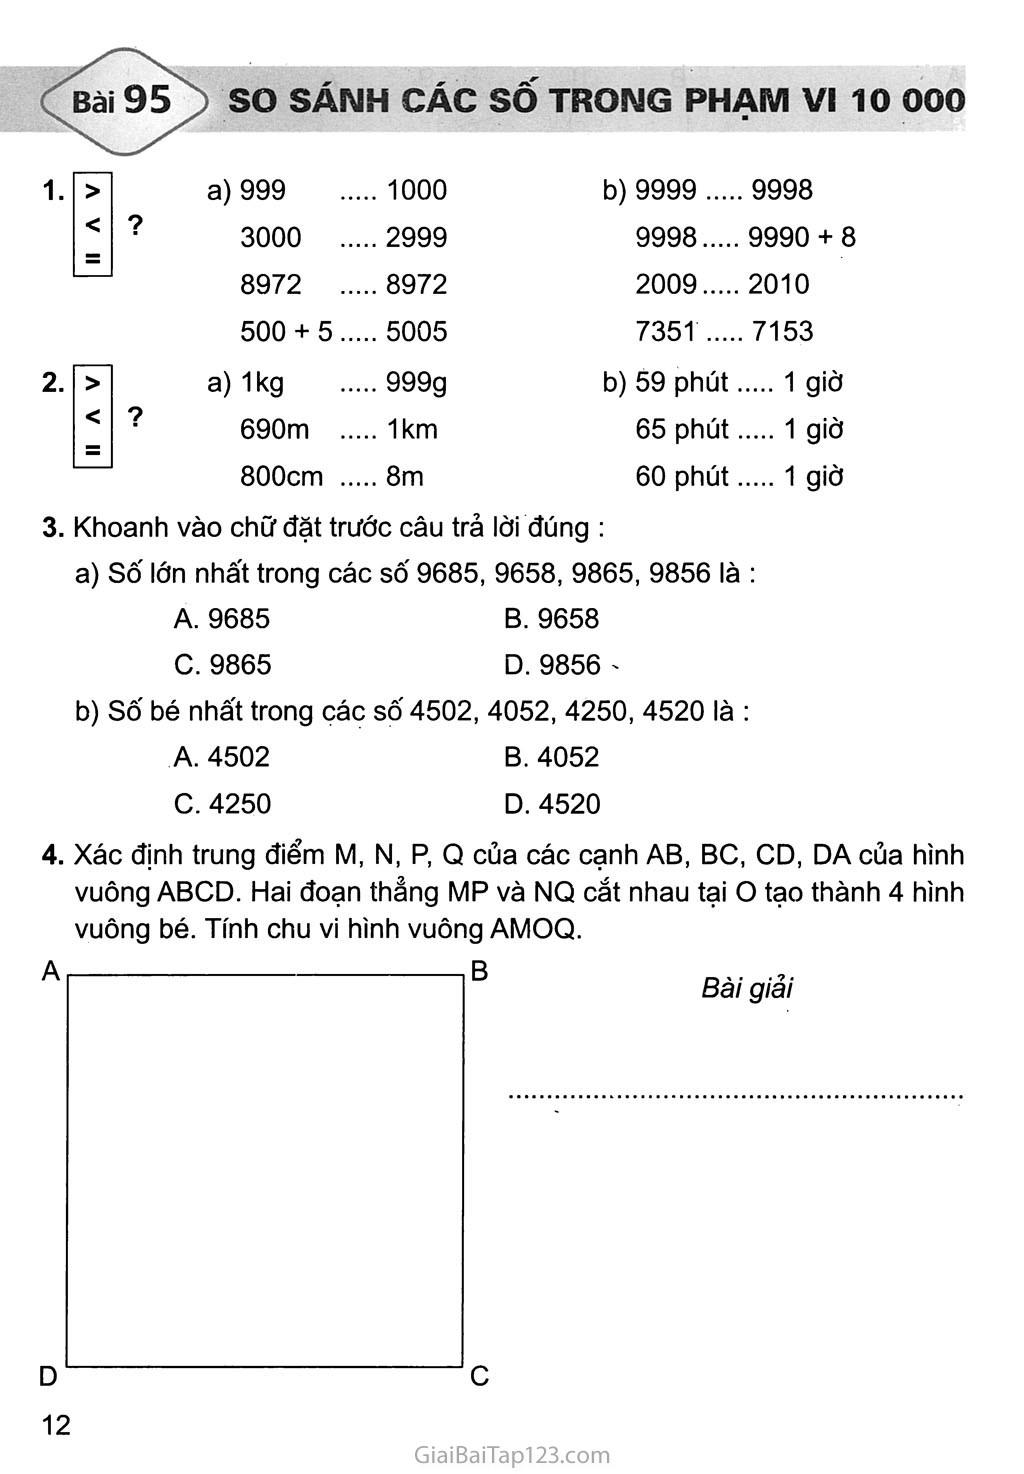 Bài 95: So sánh các số trong phạm vi 10 000 trang 1